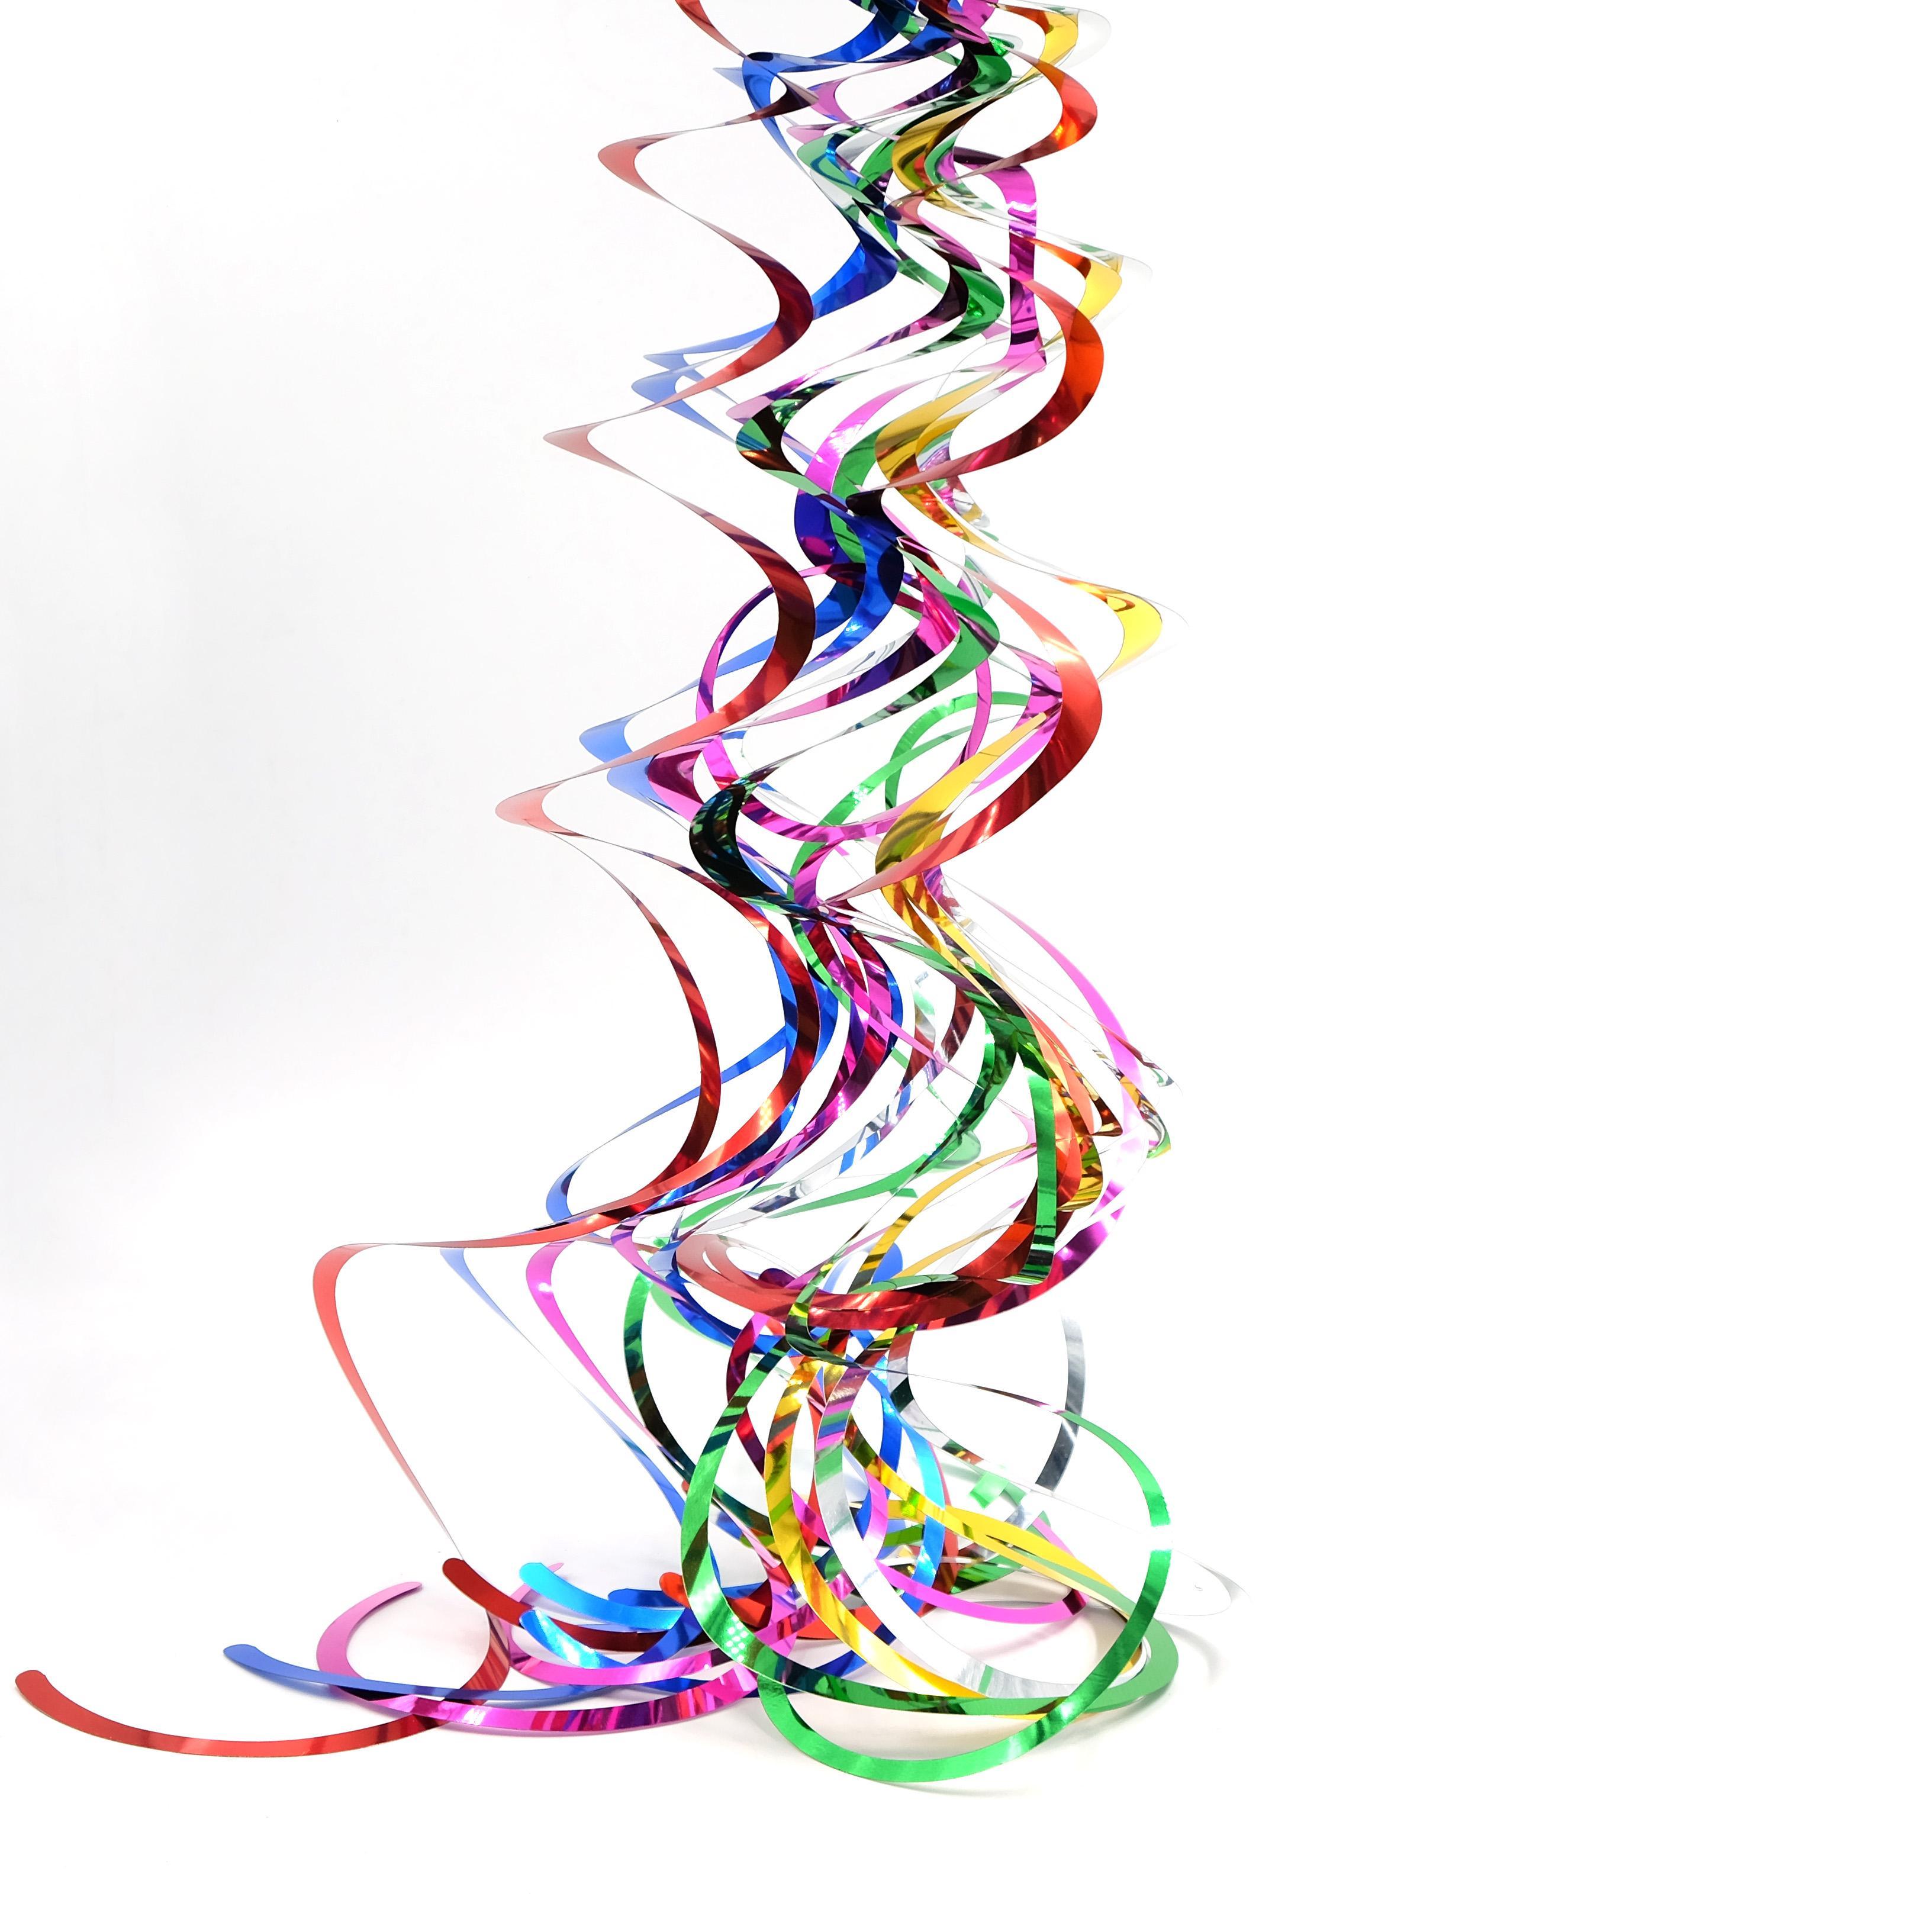 6 шт. Потолочные Висячие Вихрем Украшения Металлик Для Свадьбы Рождество Хэллоуин День Рождения Украшения Baby Shower Мальчик